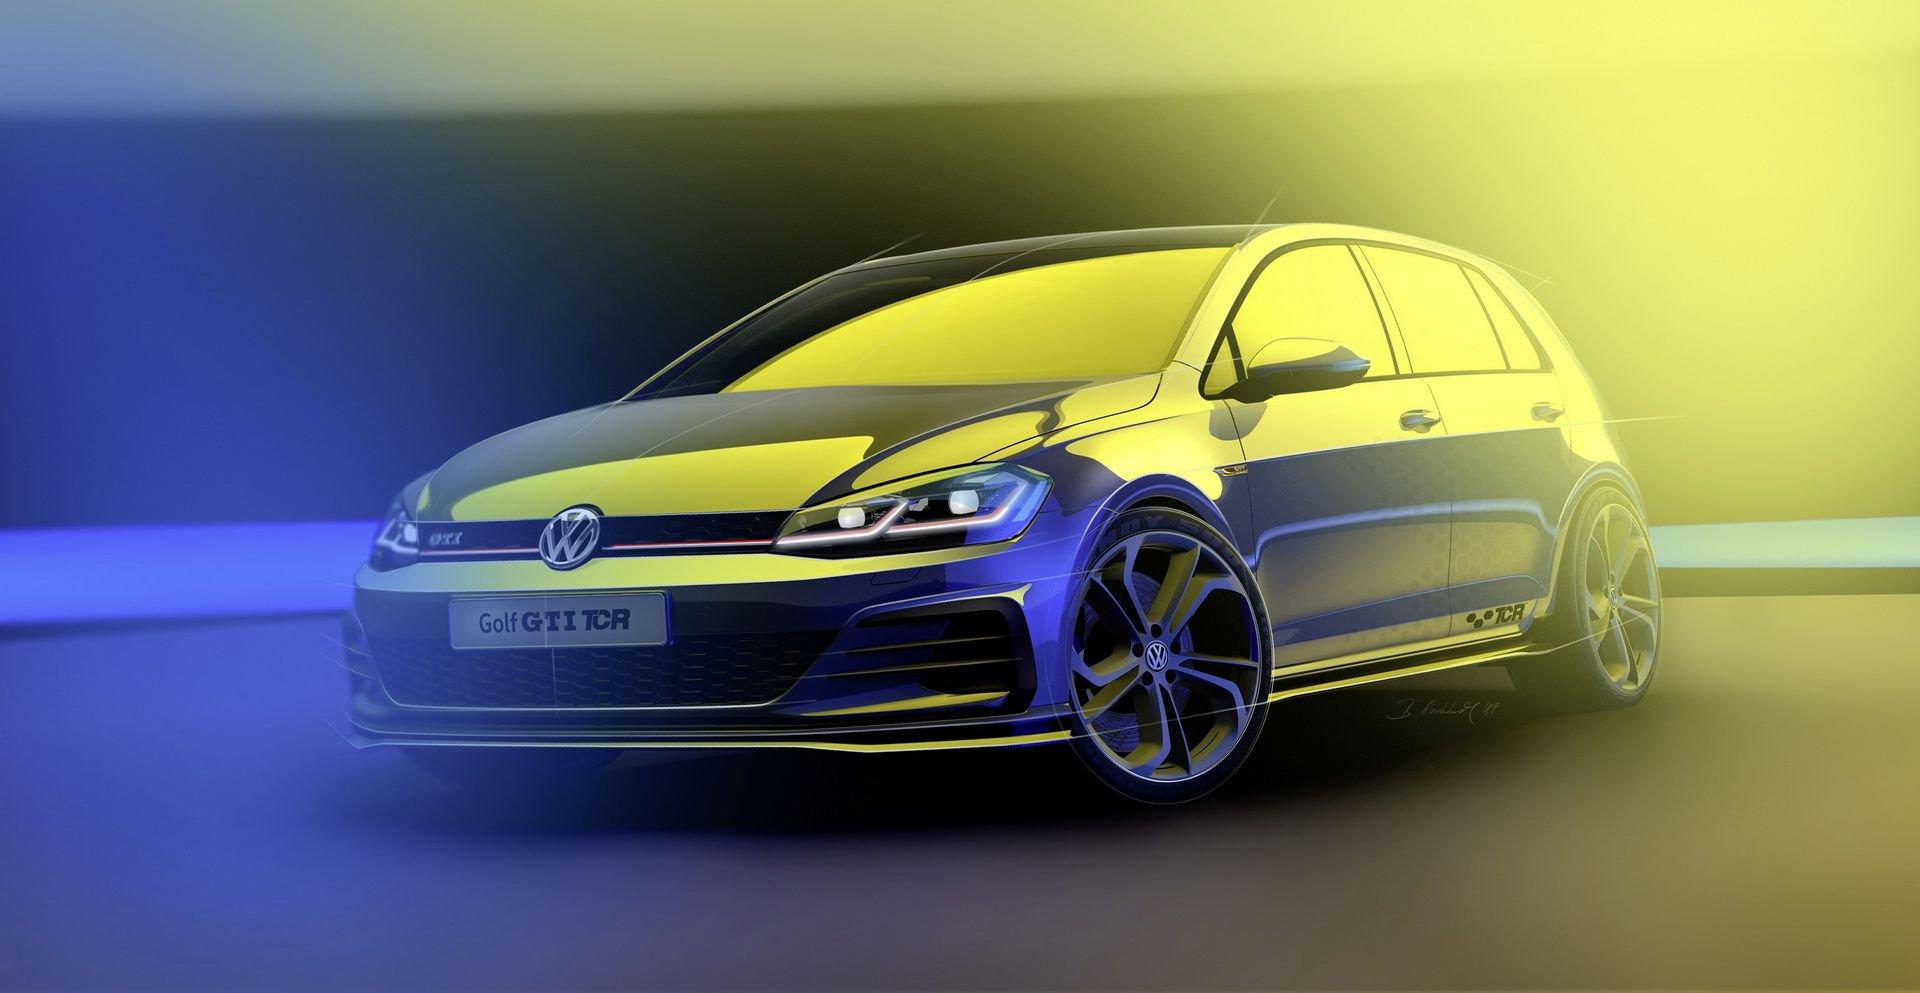 VW Golf GTI TCR – Premiera nad Wörthersee